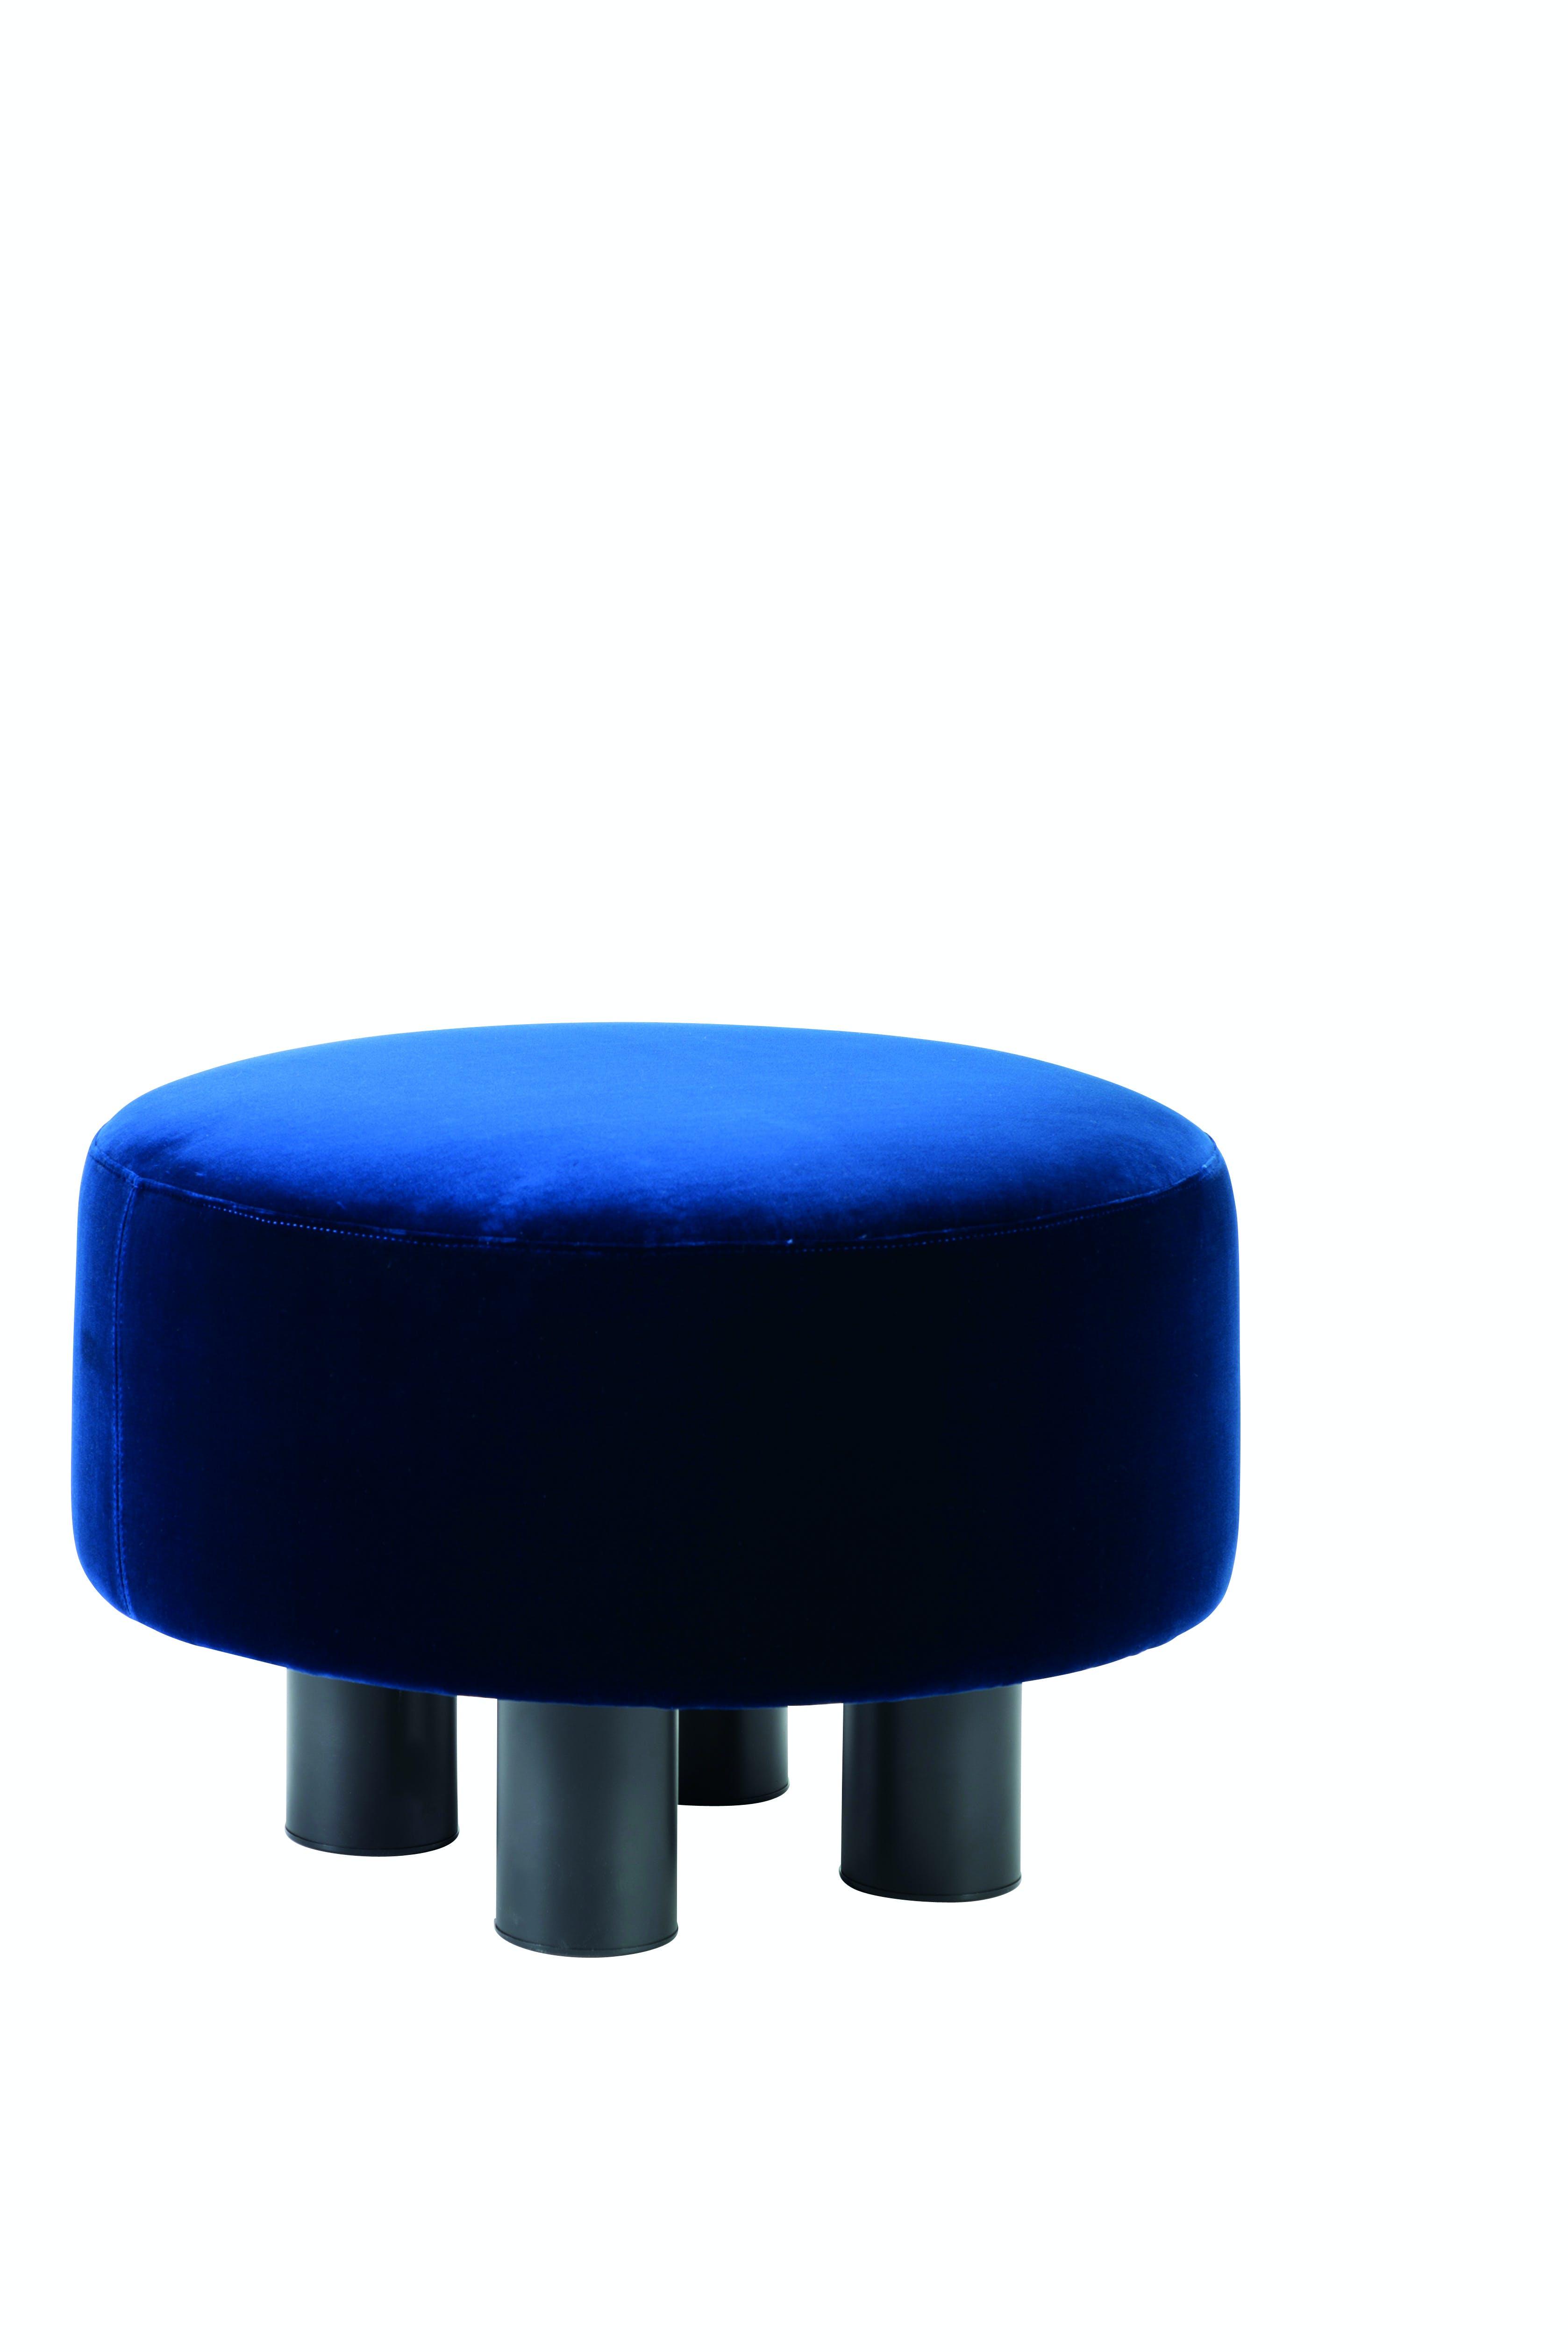 Pulpo-ooh-ottoman-blue-solo-haute-living